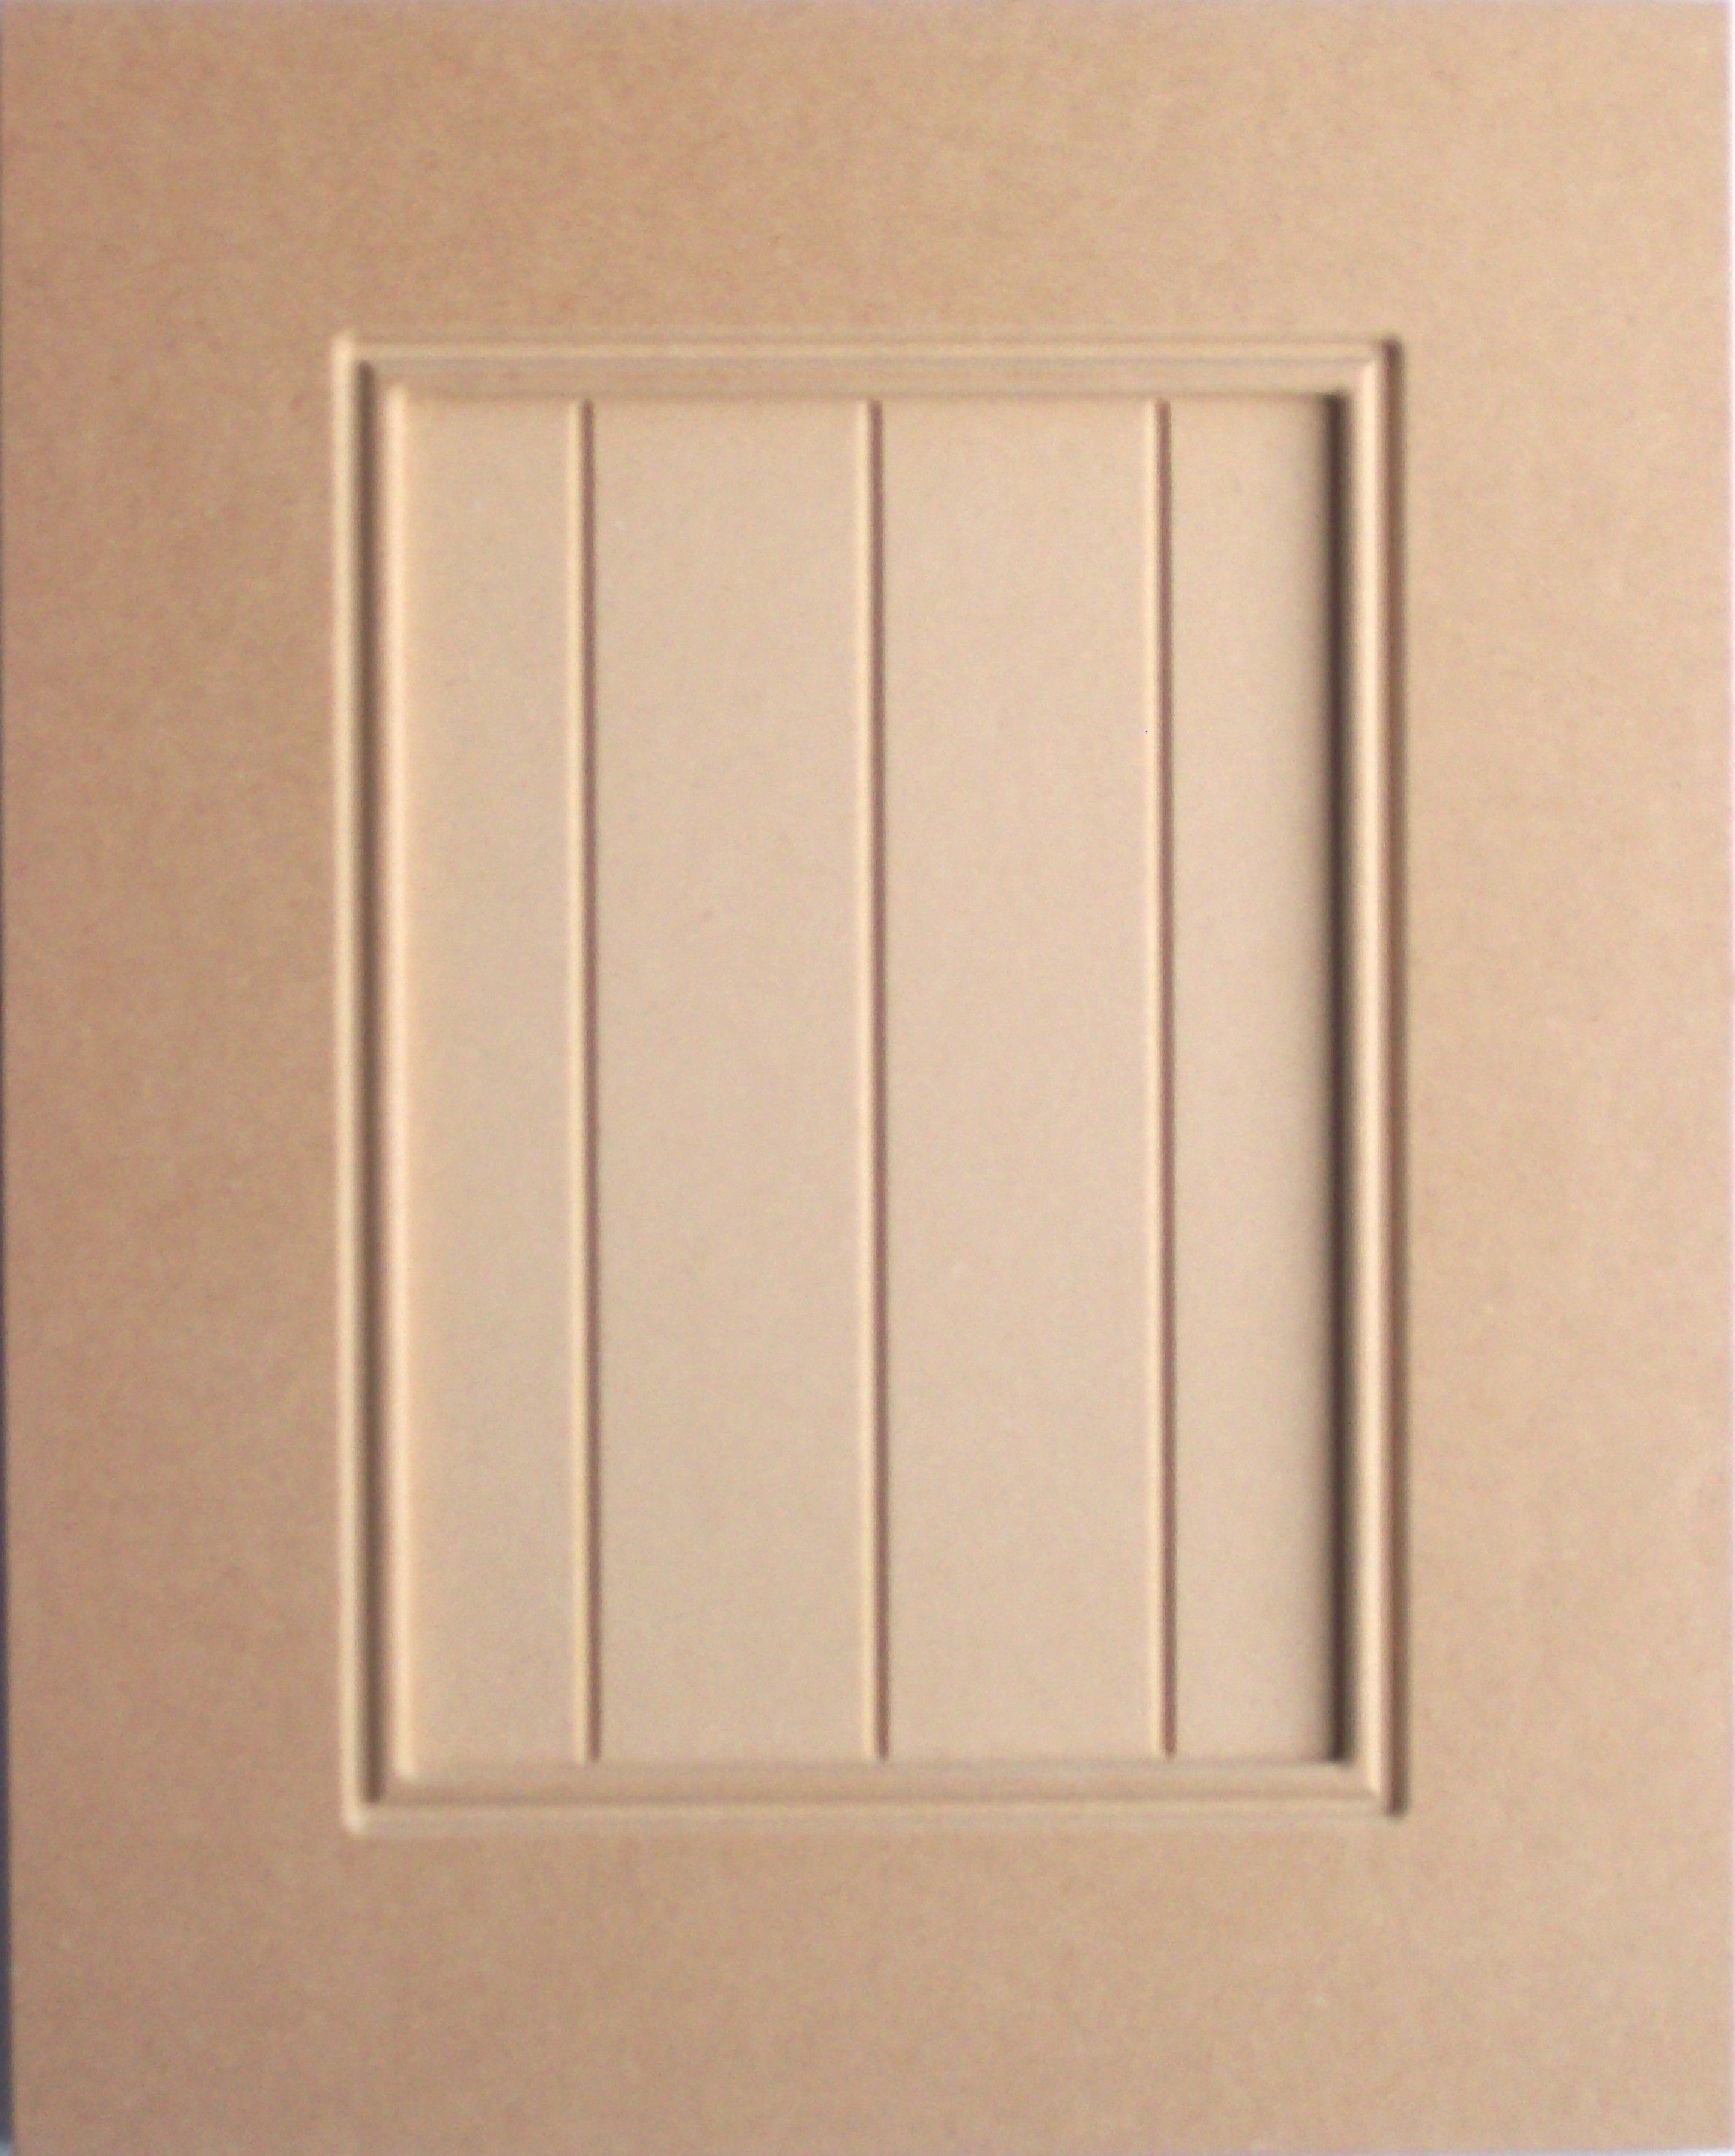 Planned space mdf doors mdf cabinet doors mdf cabinets mdf doors best